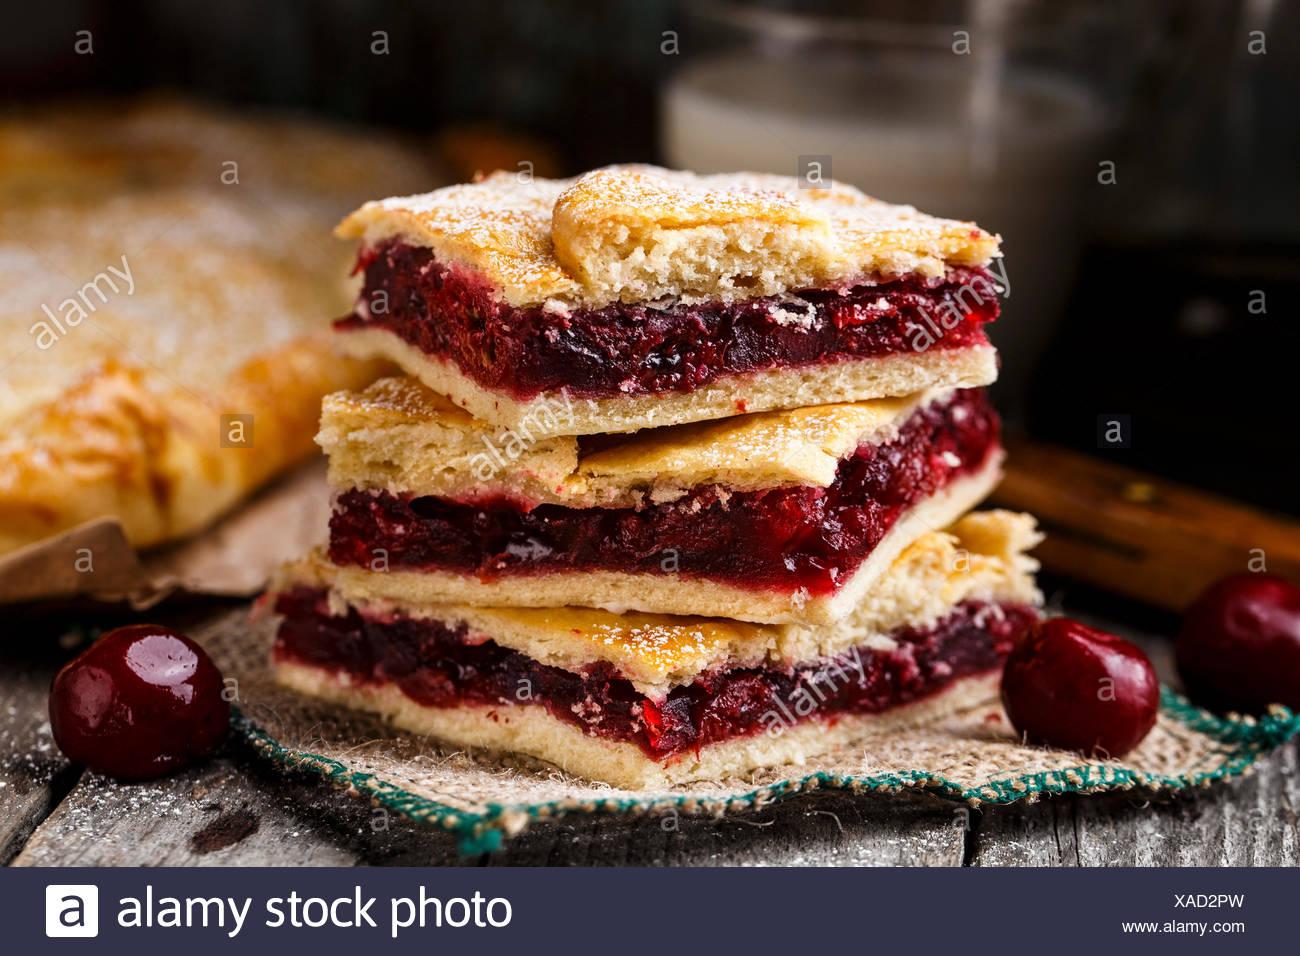 Leckere hausgemachte Kuchen, gefüllt mit süßen Kirschen Stockbild